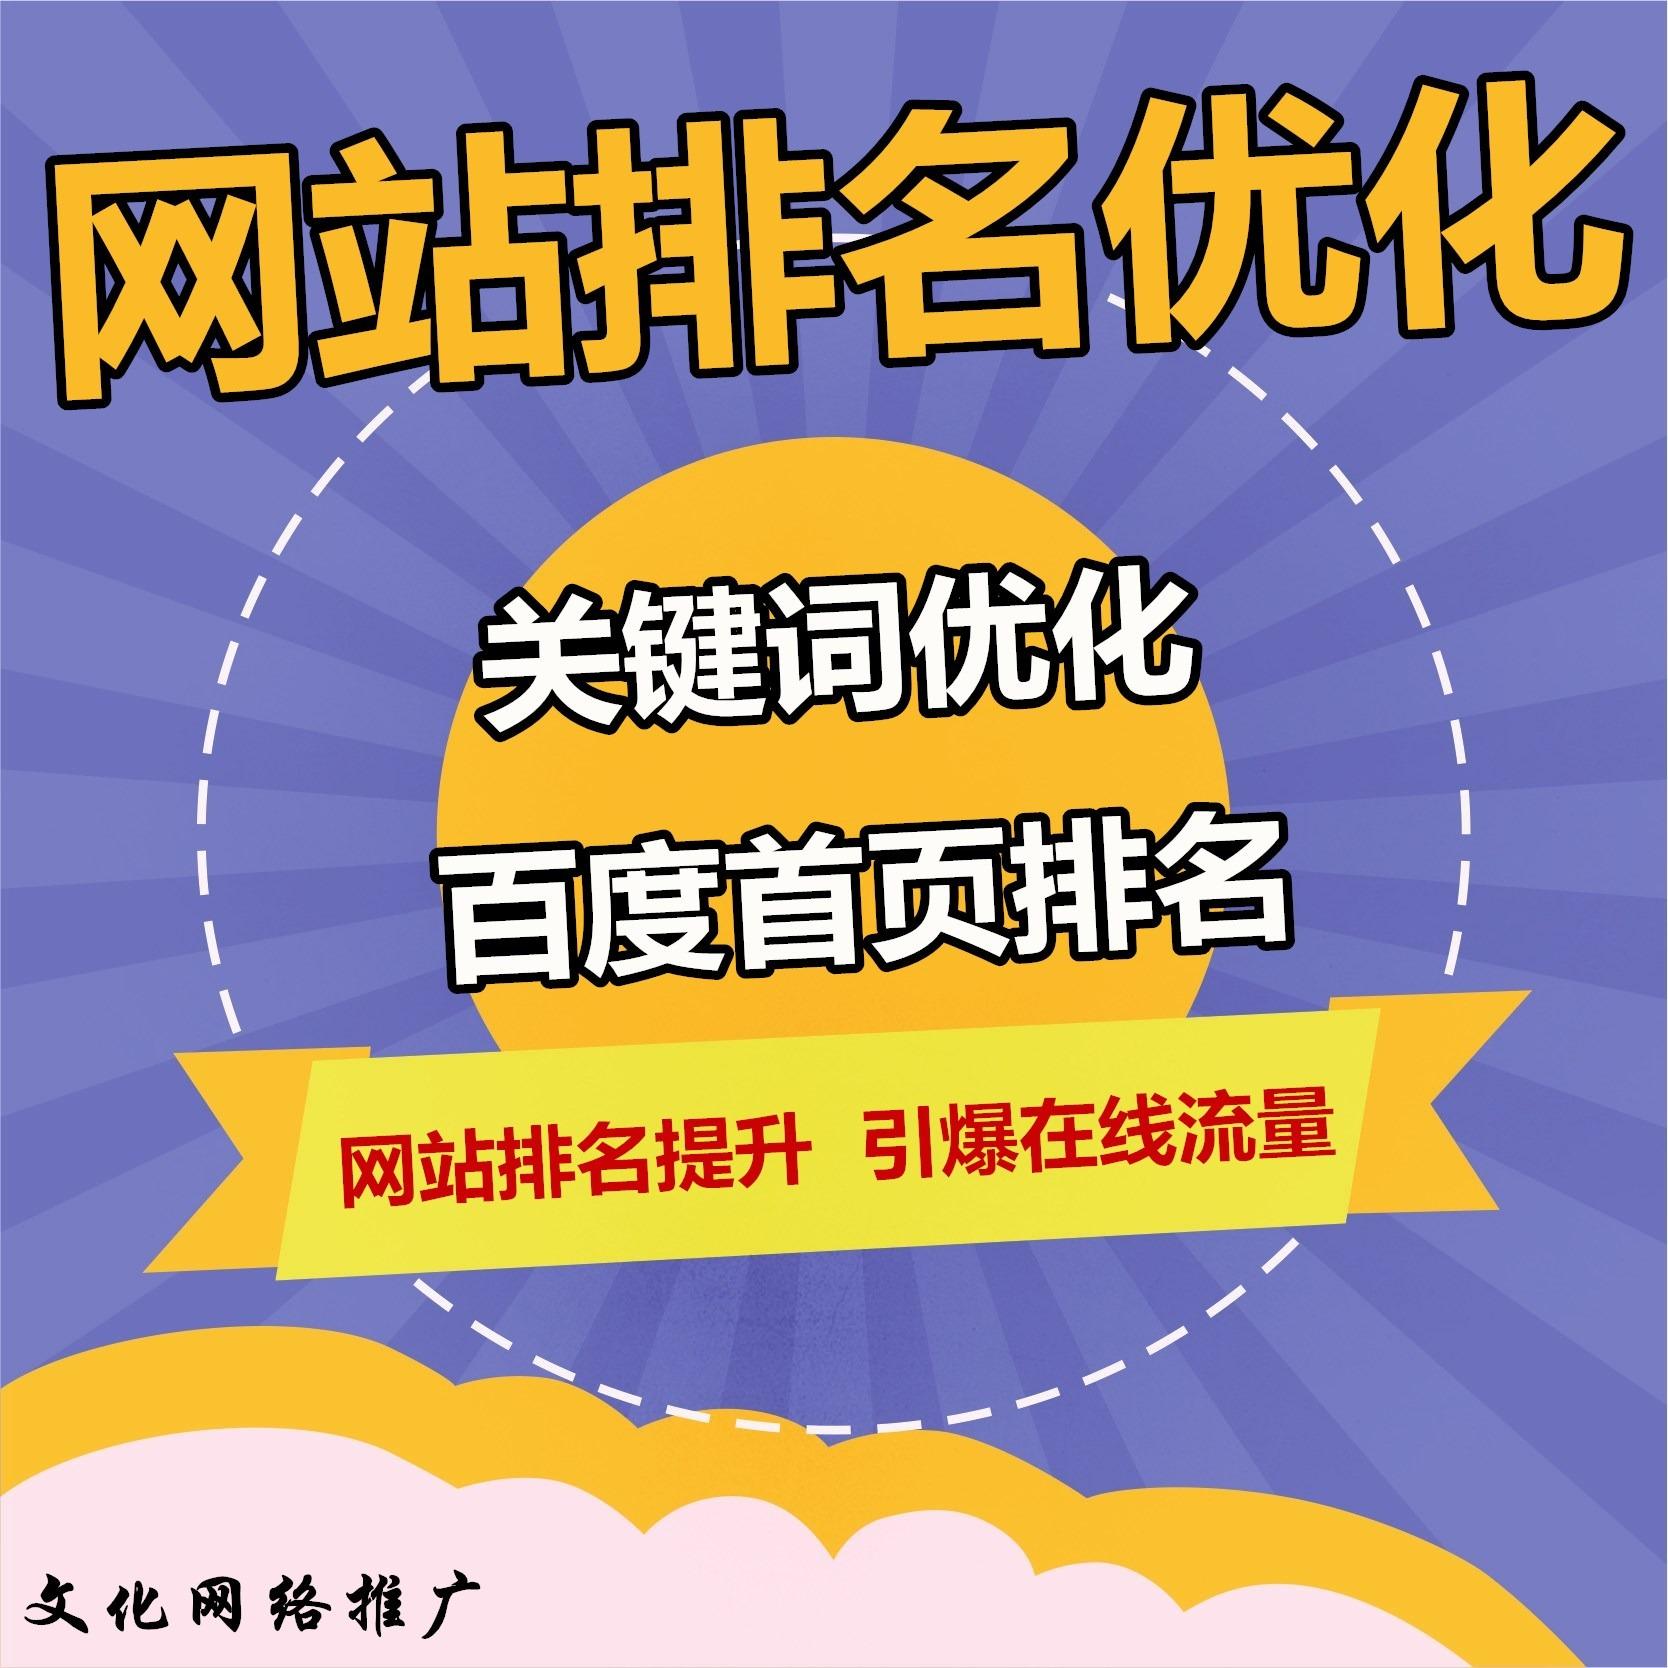 网站优化百度360关键词长尾关键词网络优化收录网站排名营销